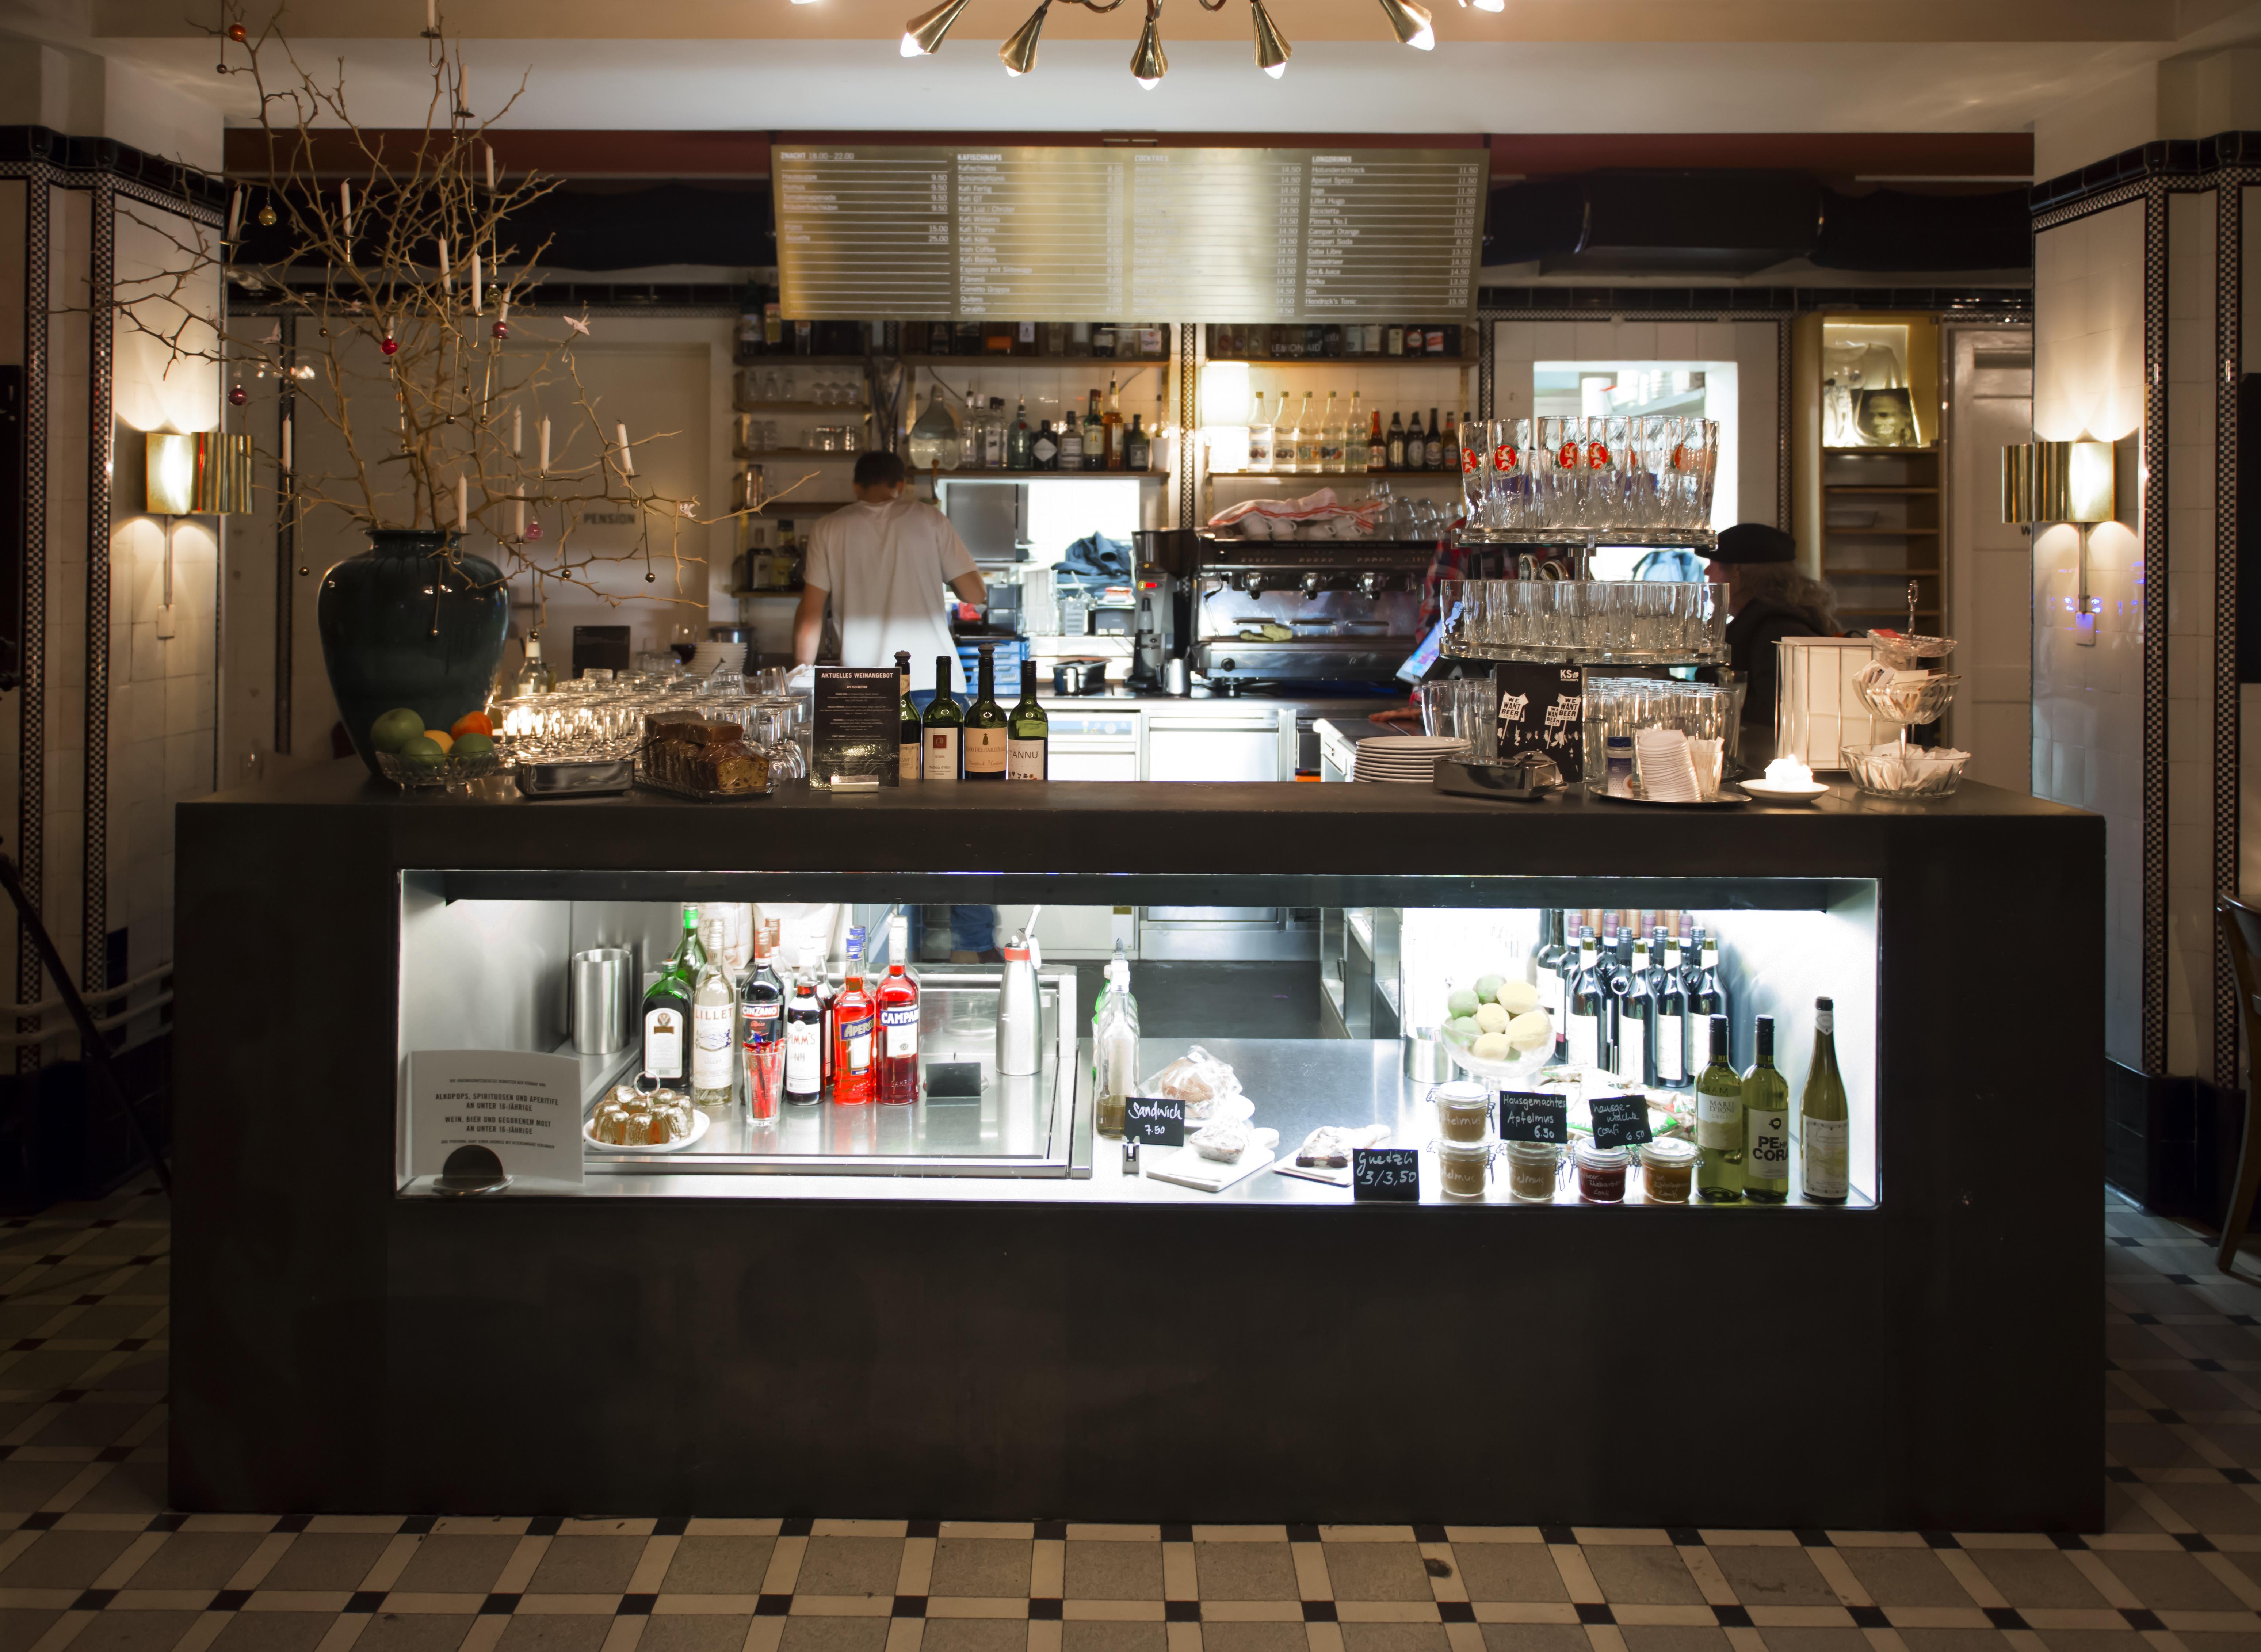 KAFISCHNAPS in Zürich - Ausgezeichnete Restaurants, Bars, Take-Aways ...